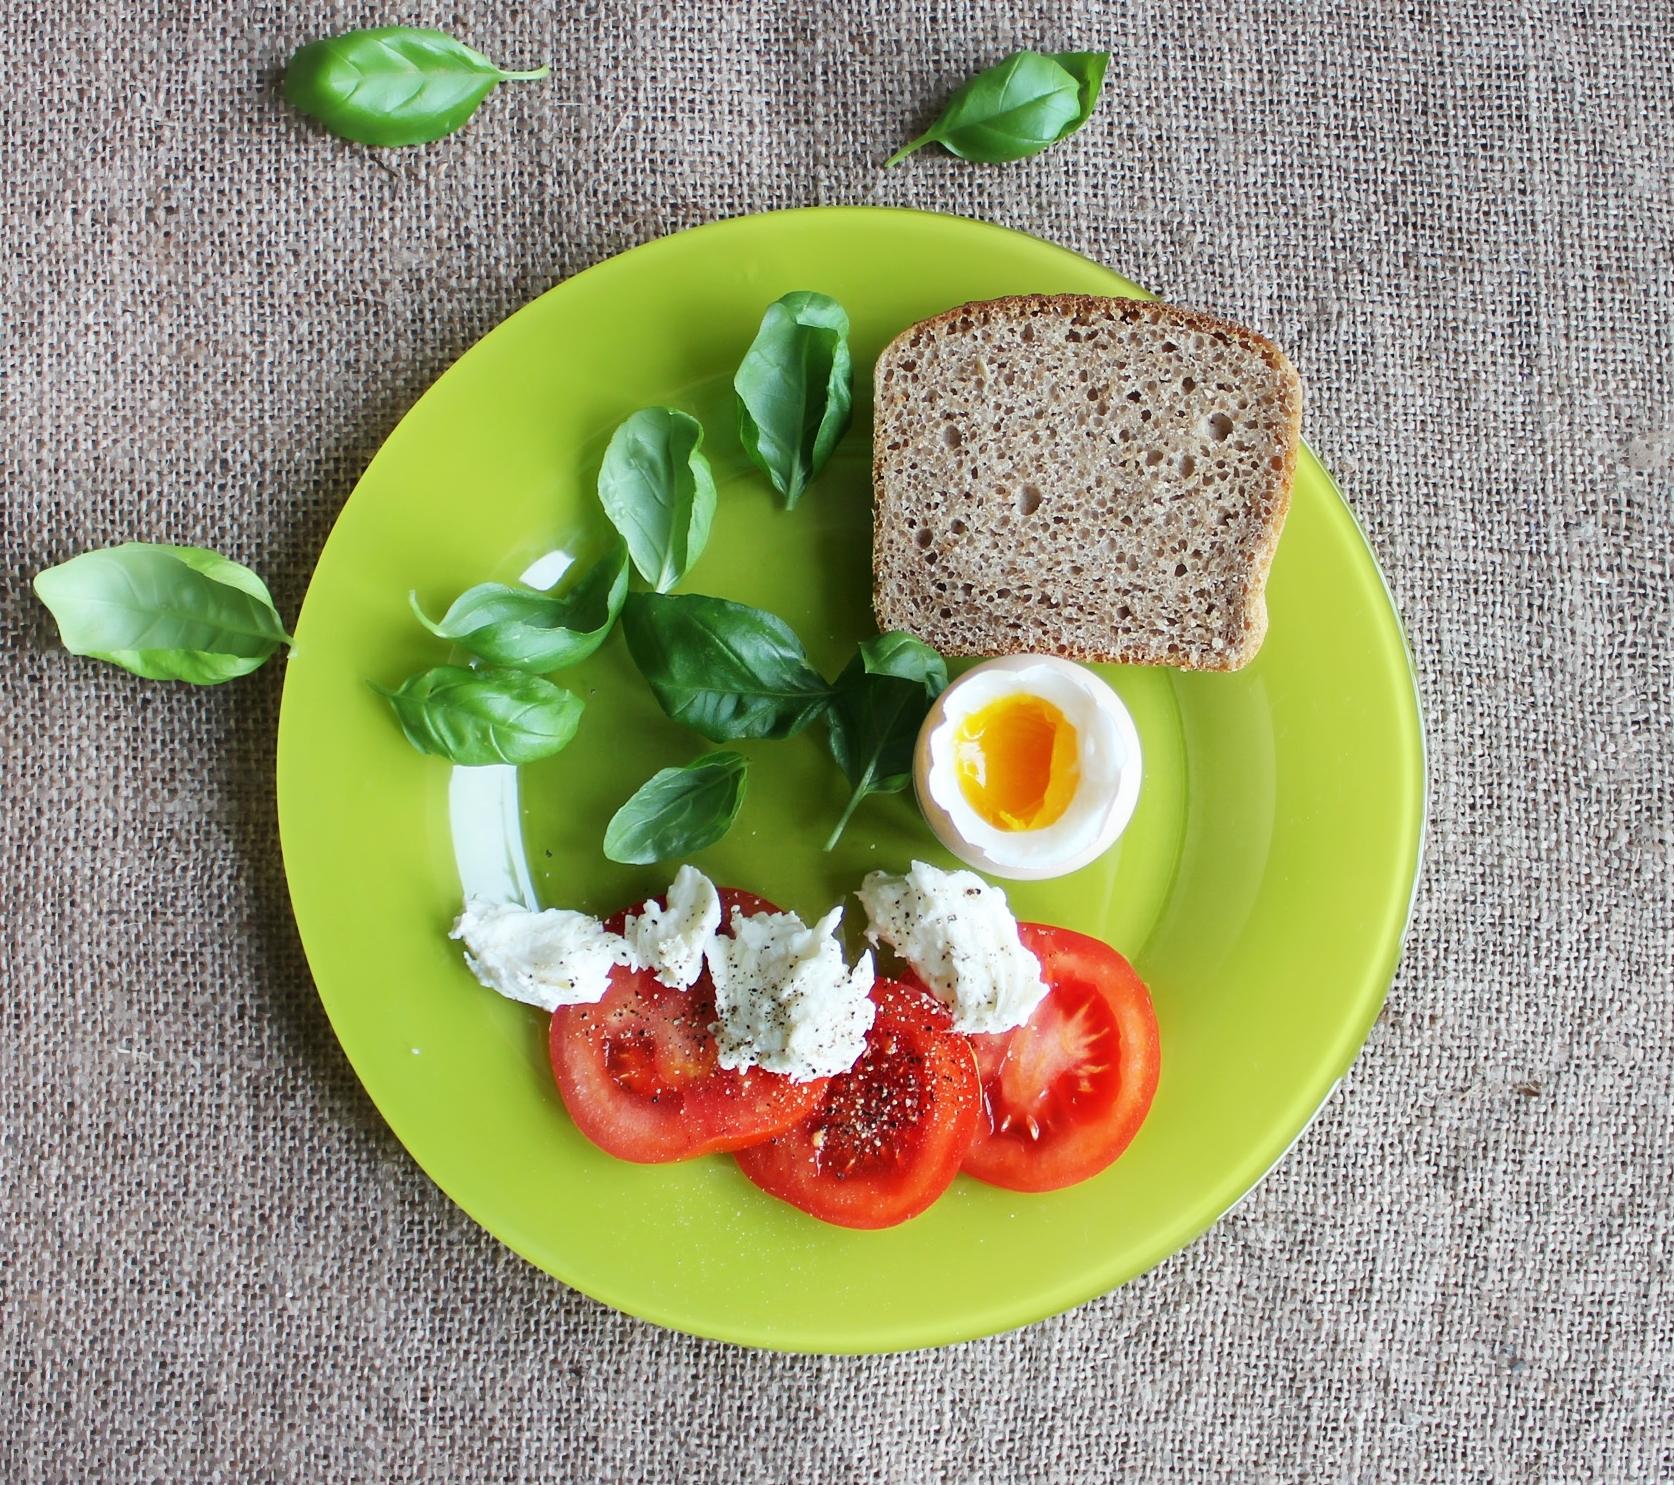 Nie masz czasu na zdrowe jedzenie? Problem zniknie, jeśli zastosujesz pierwszą z tych 7 rad!